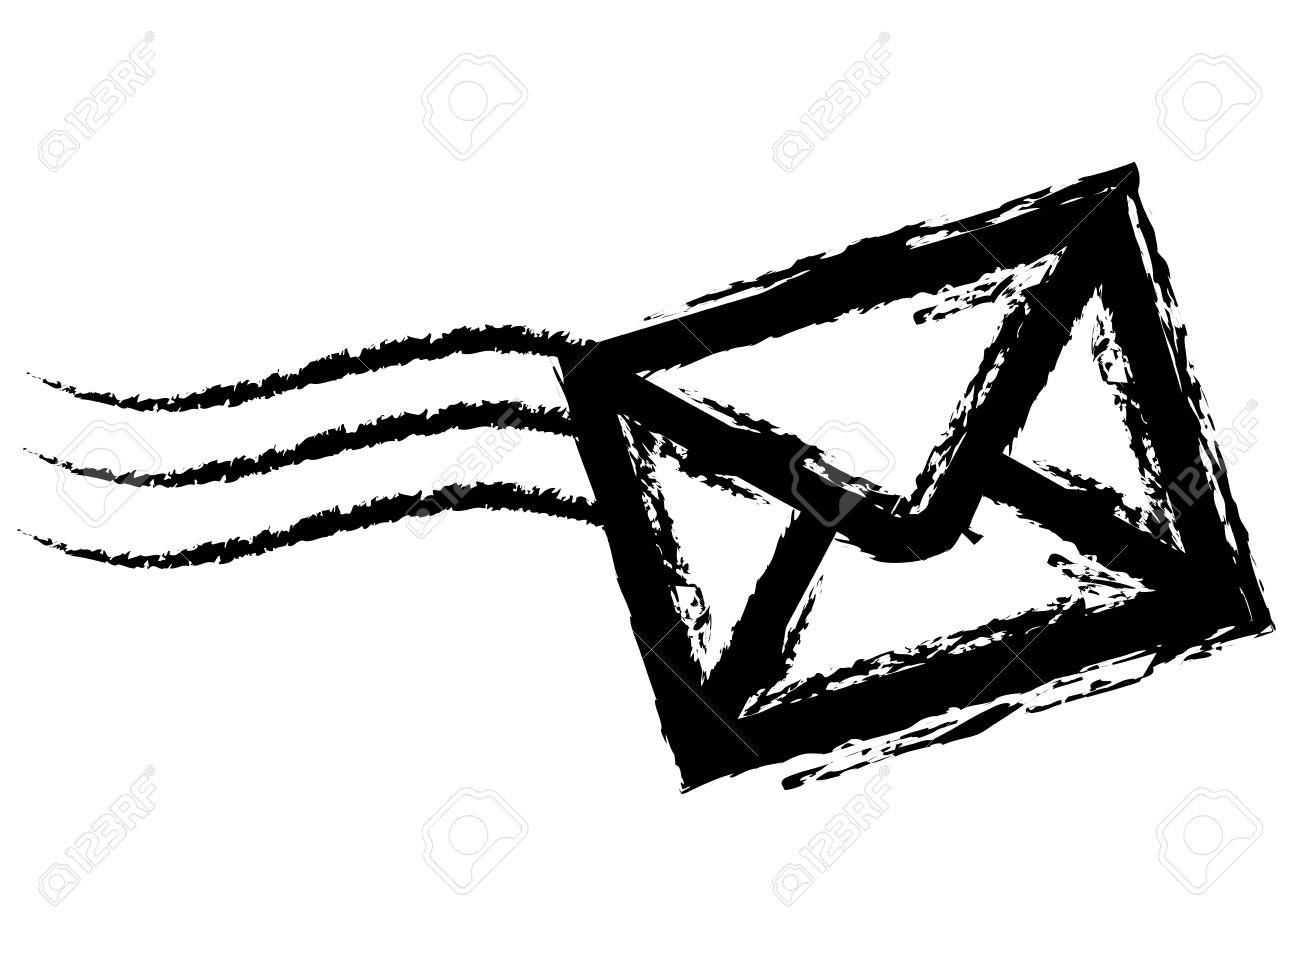 Dessin D Enveloppe dessin à la craie d'une enveloppe sur fond blanc. clip art libres de